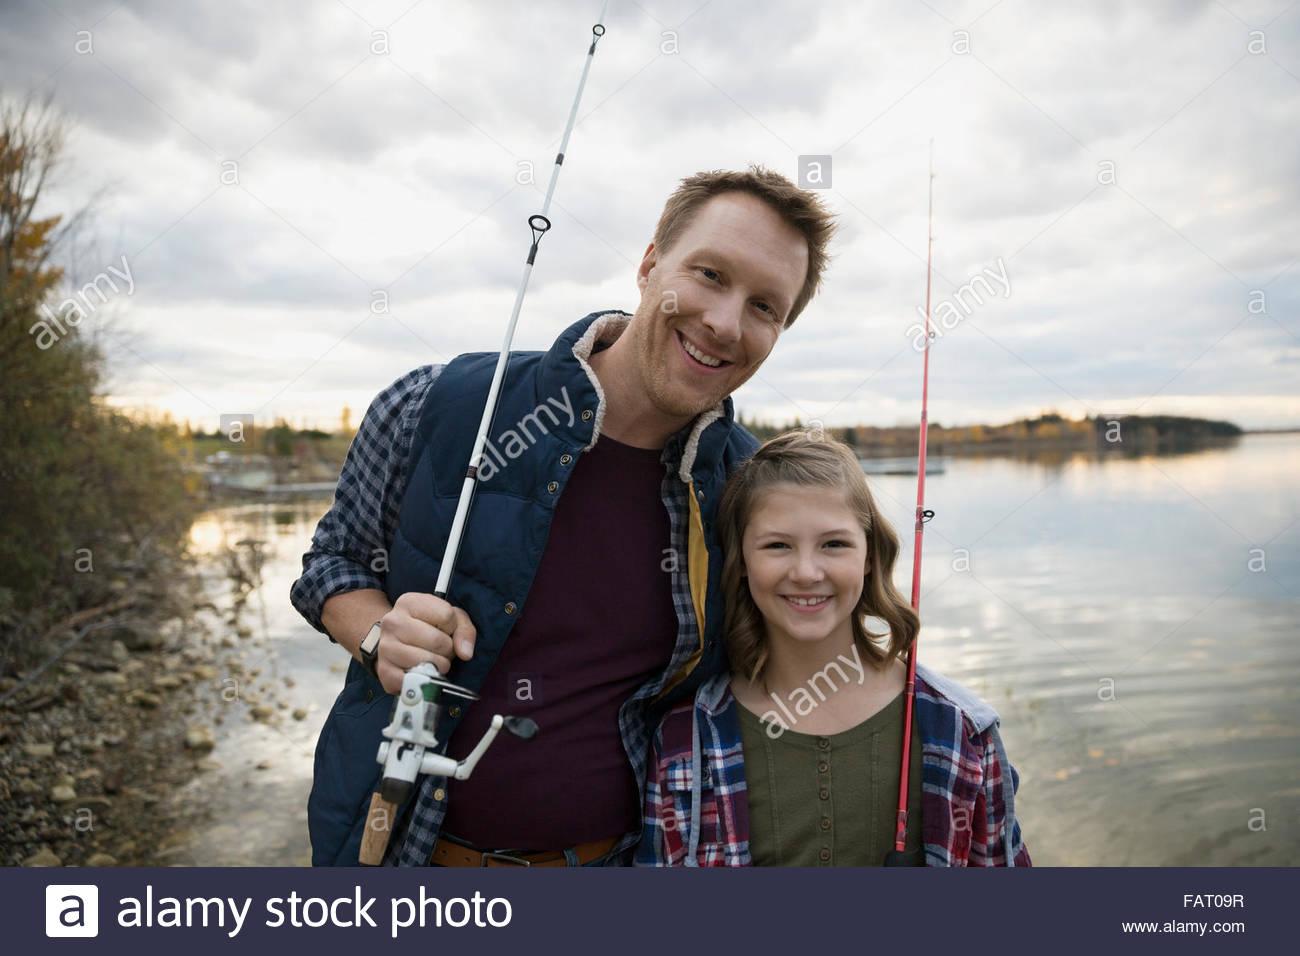 Portrait smiling père et fille de cannes à pêche lakeside Photo Stock